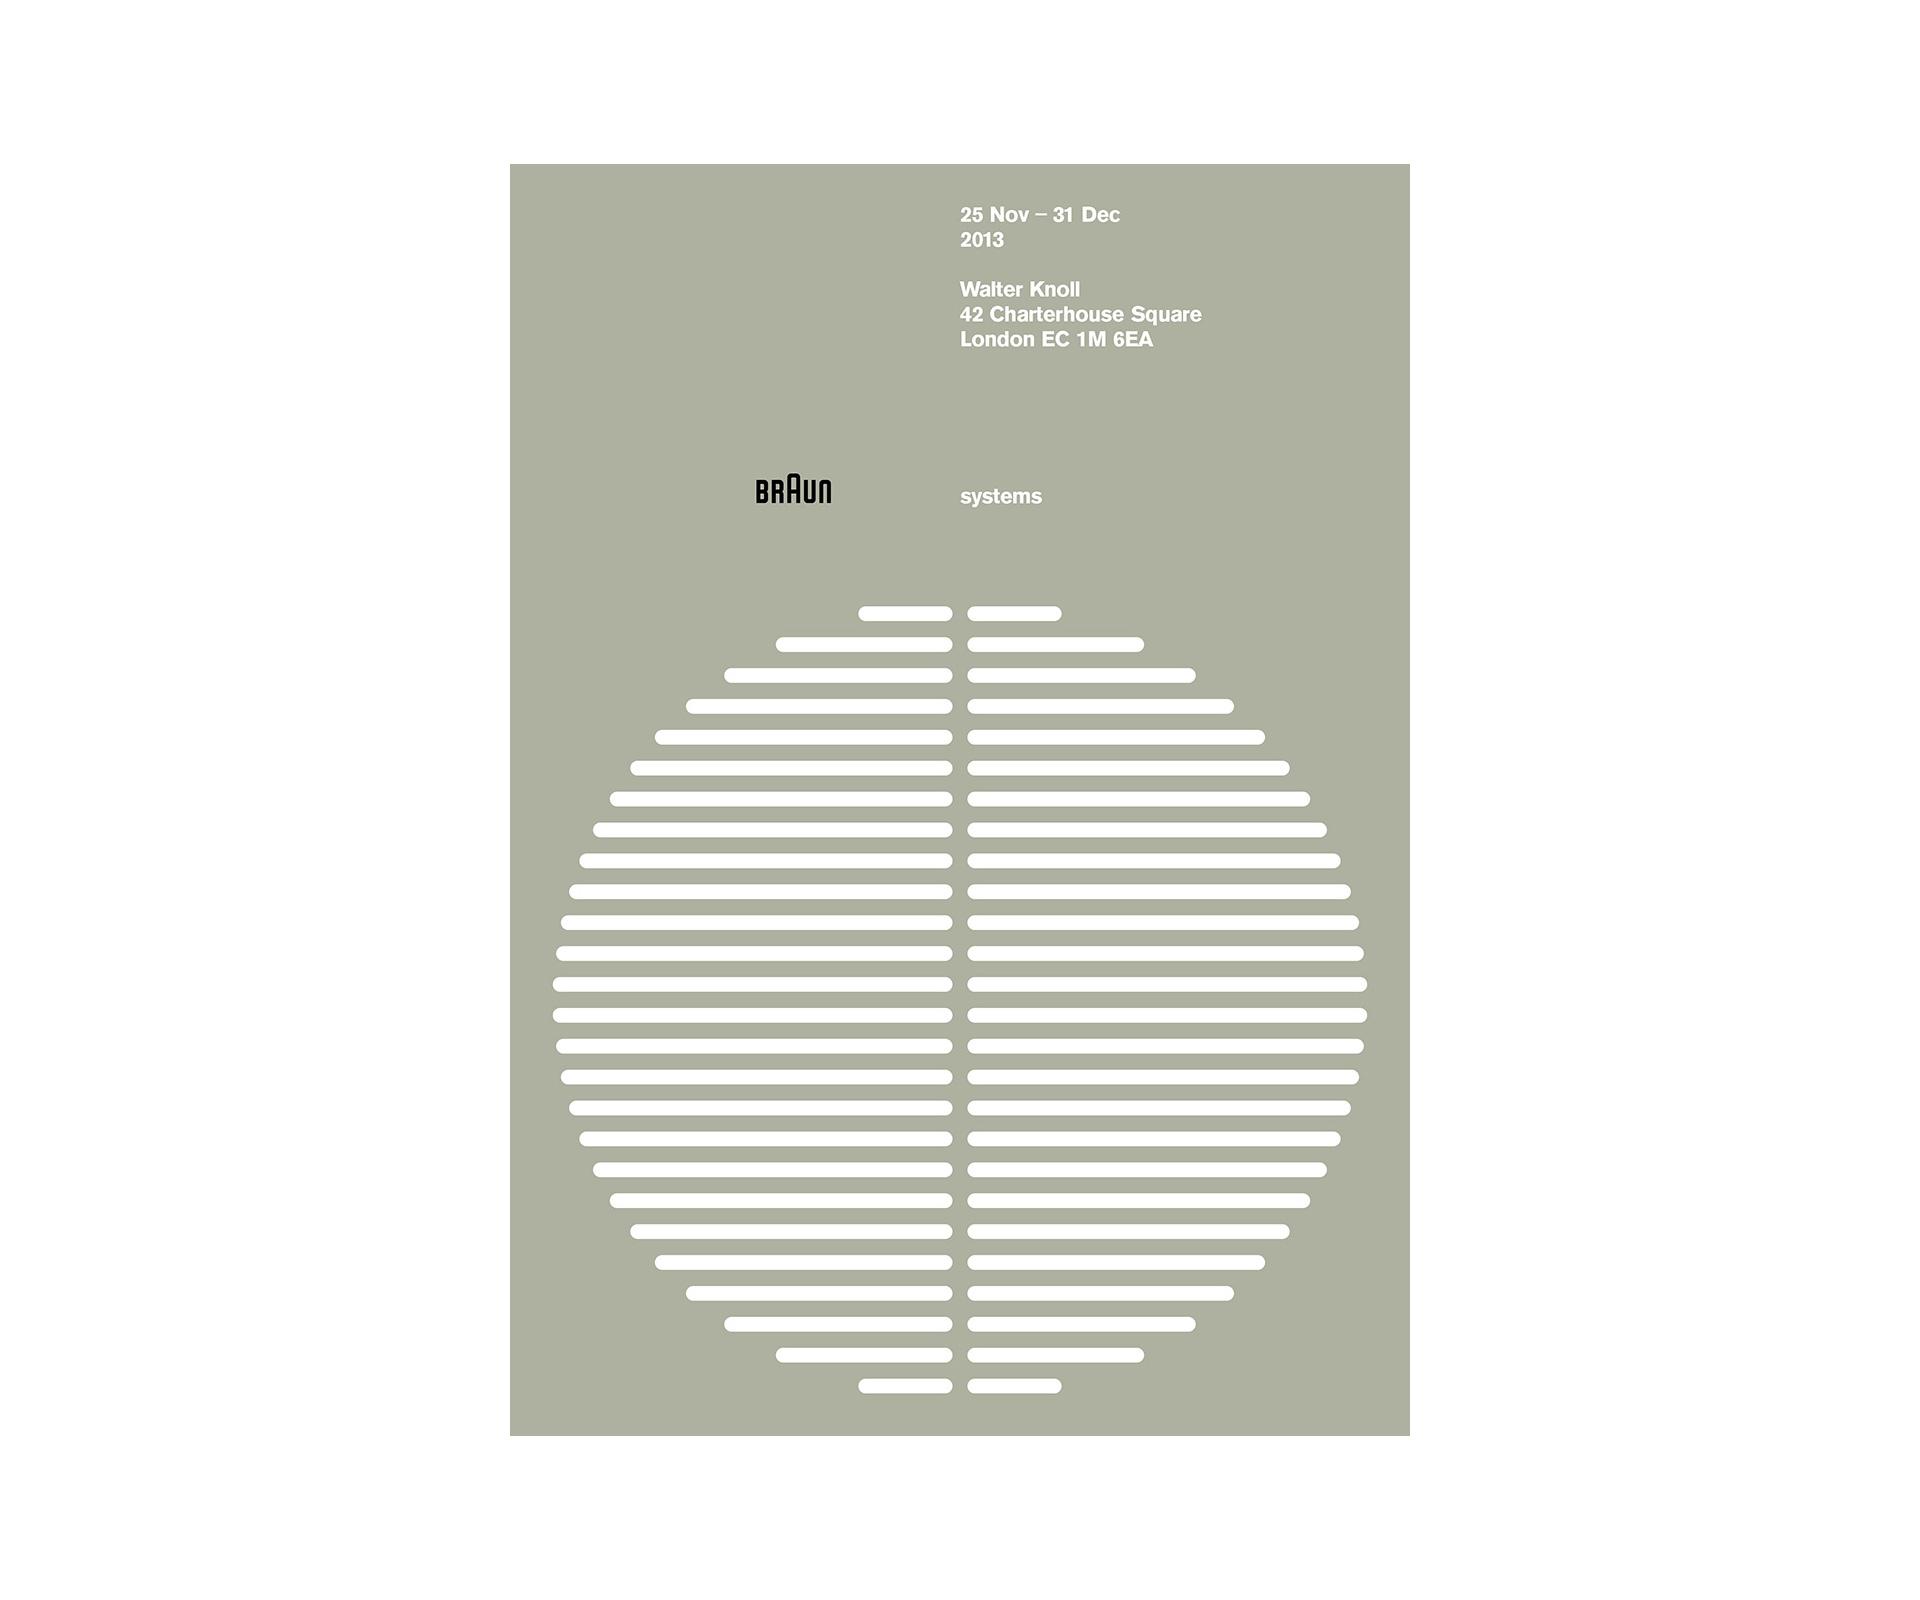 Antonio Carusone systems Braun Poster